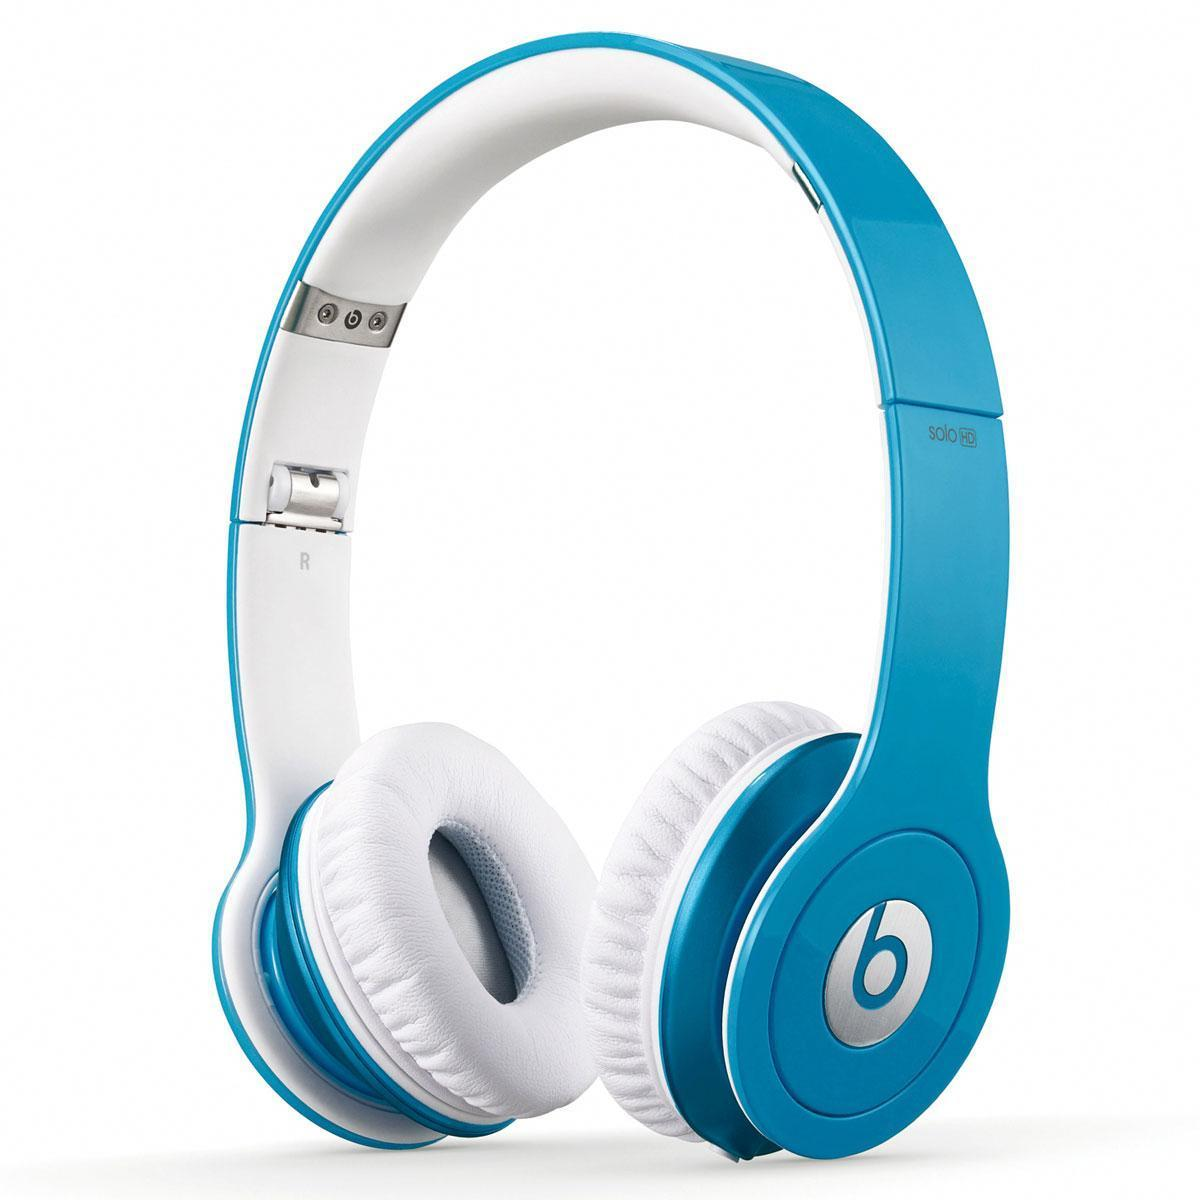 Auriculares Beats Solo HD - Azul claro